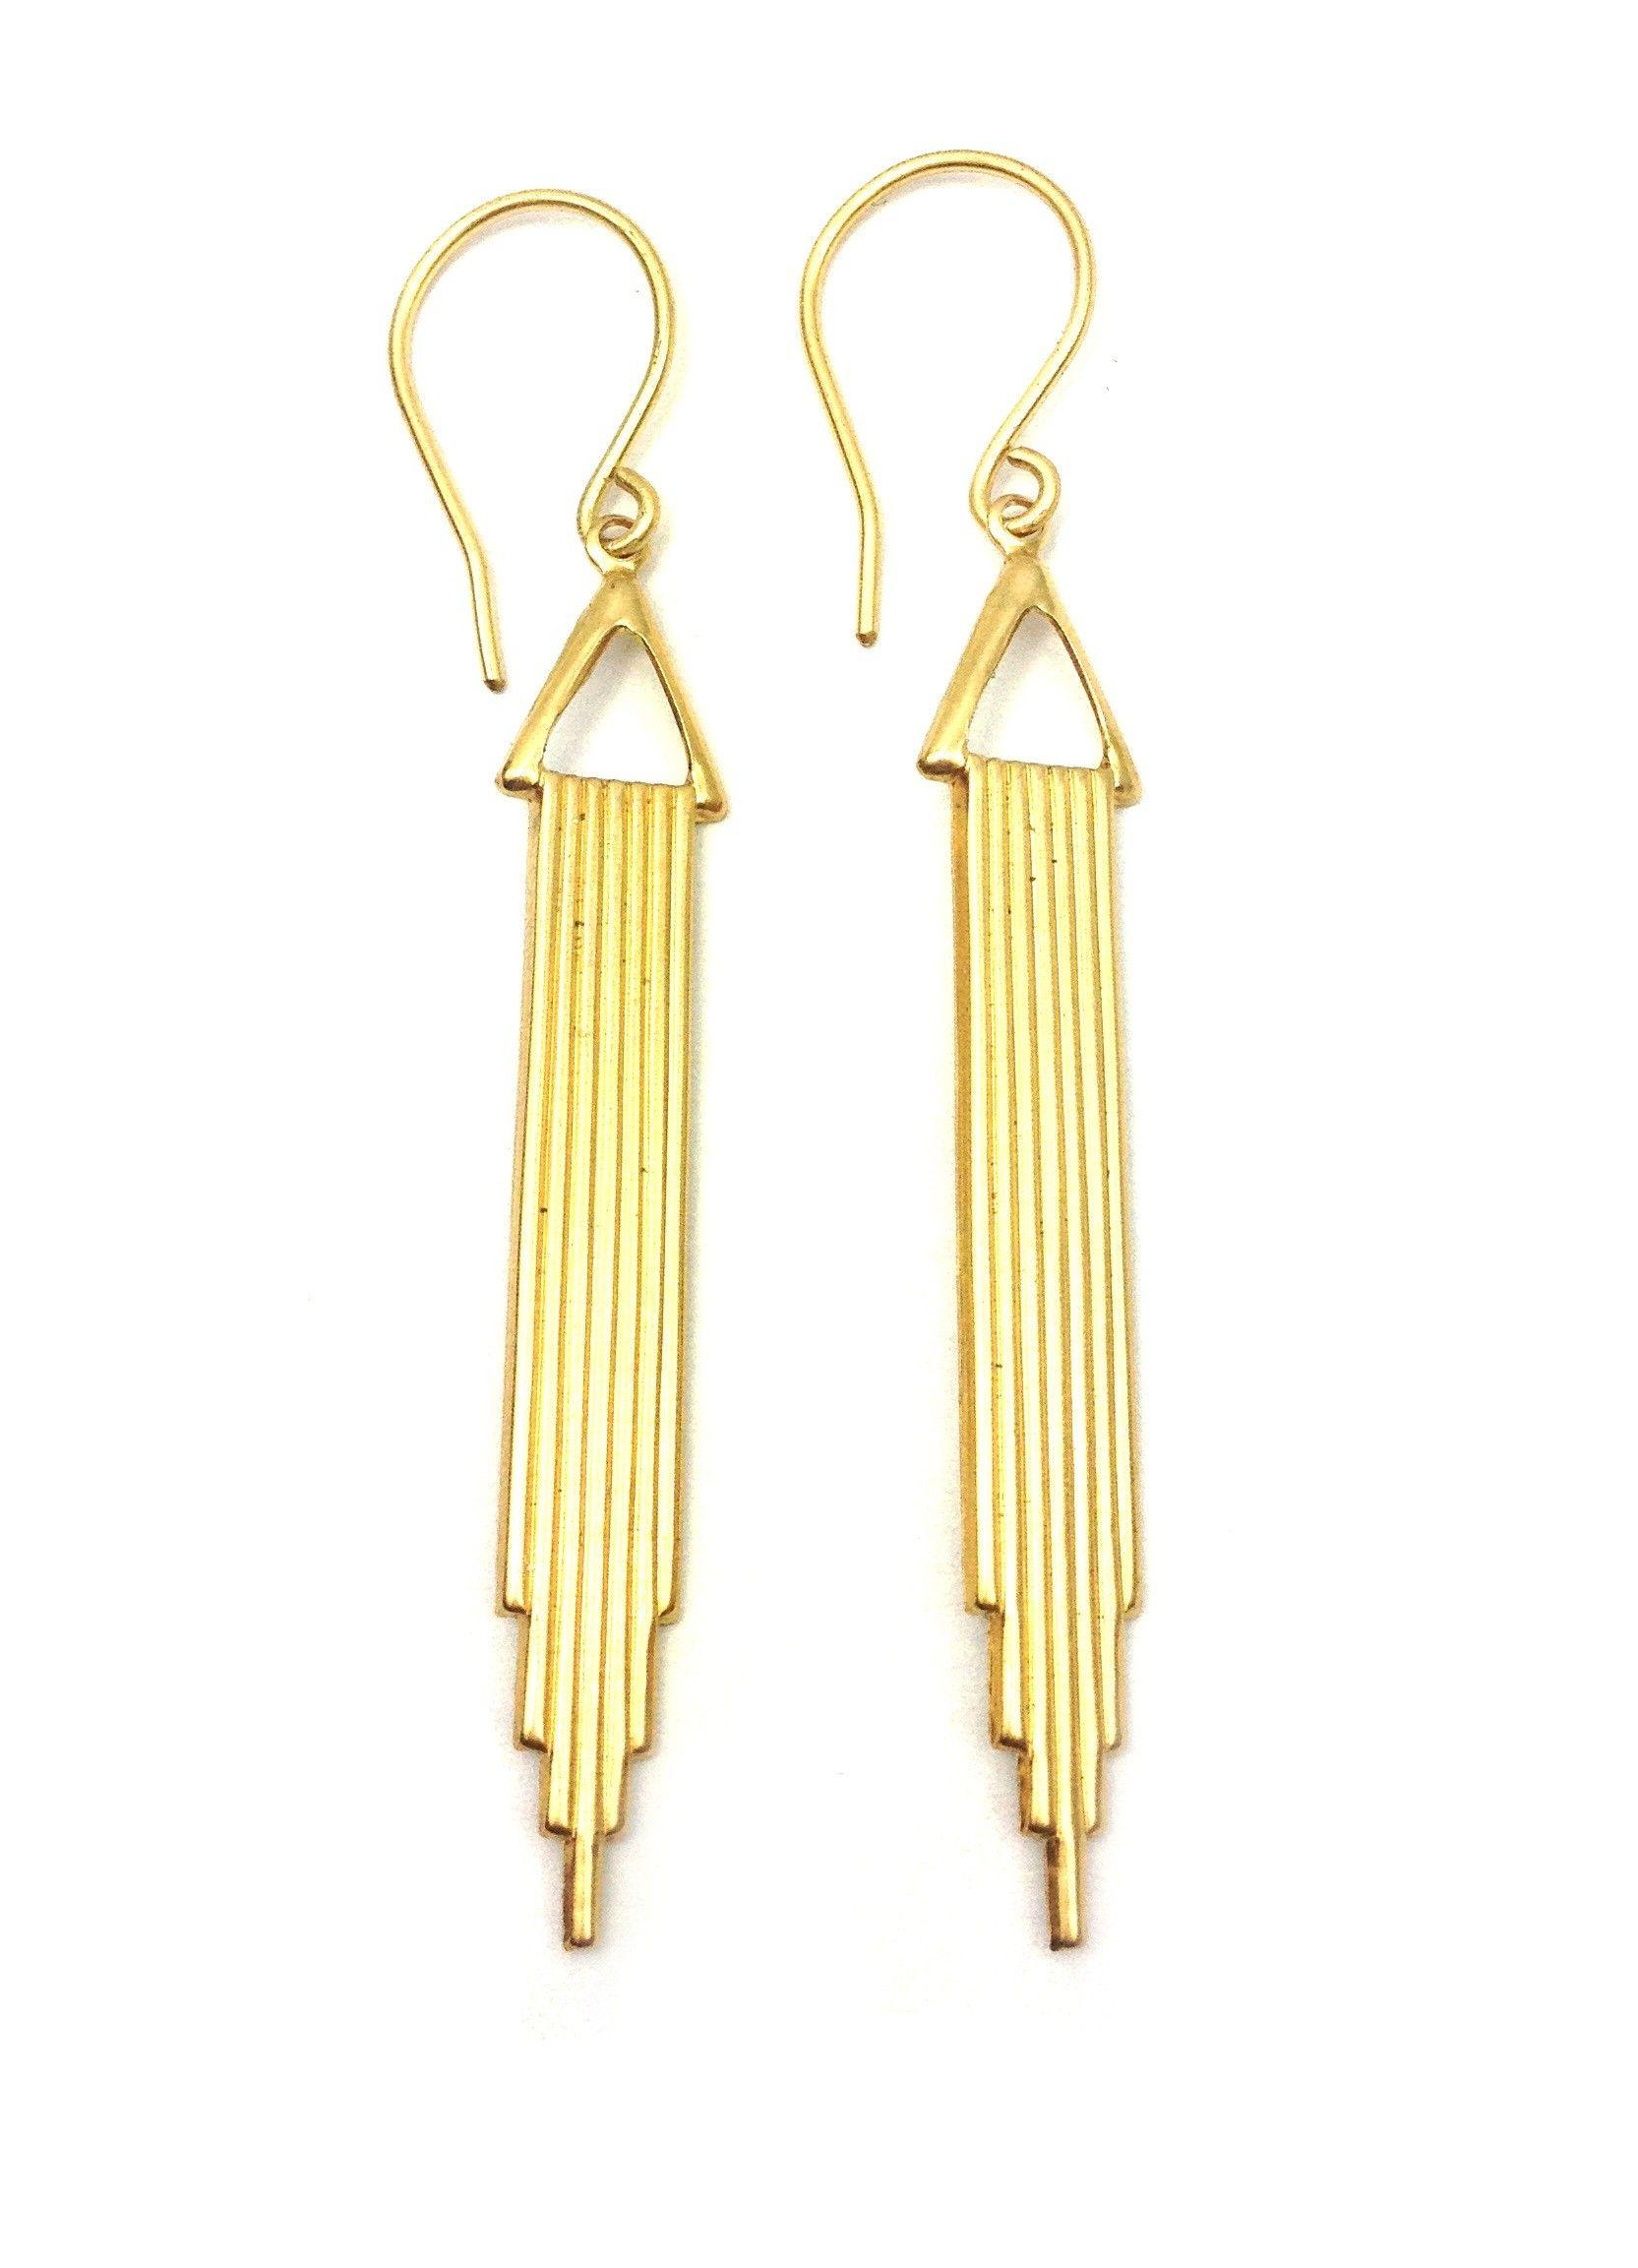 Long Art Deco Earrings - Vintage Inspired Jewellery By Zara Taylor